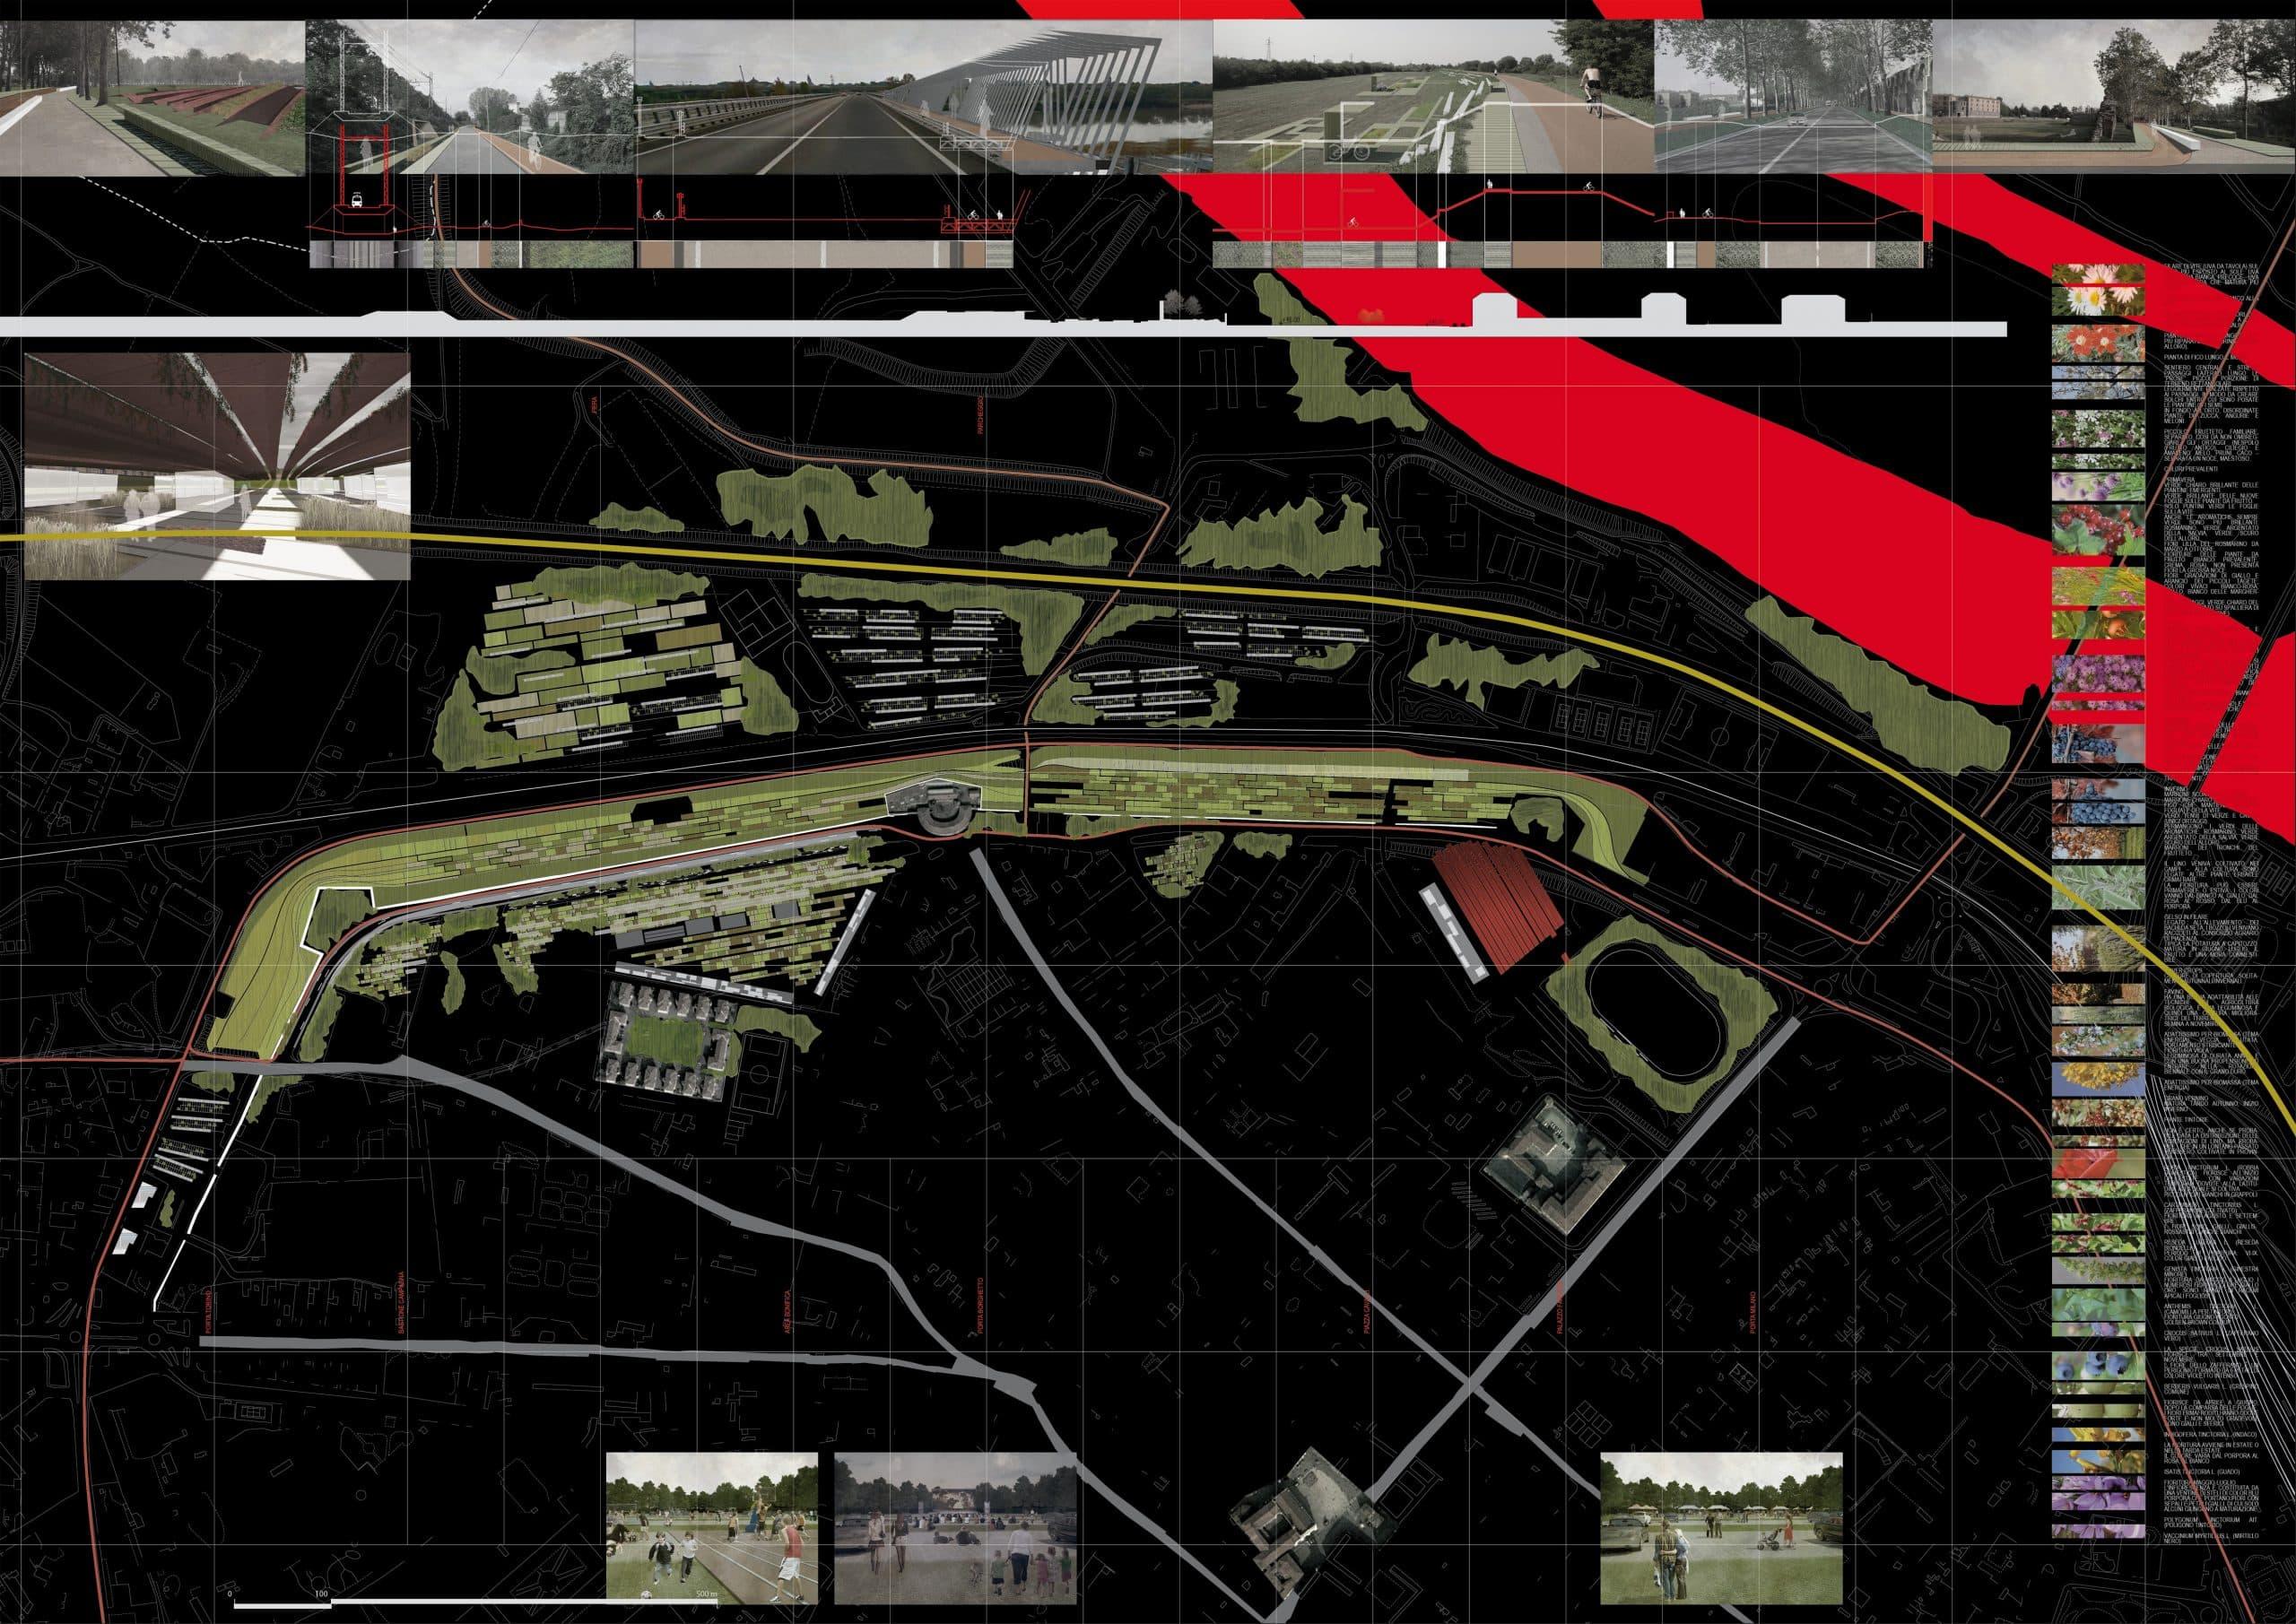 4 ANDRIANI PIACENZA Parco delle mura , usi del suolo 2013